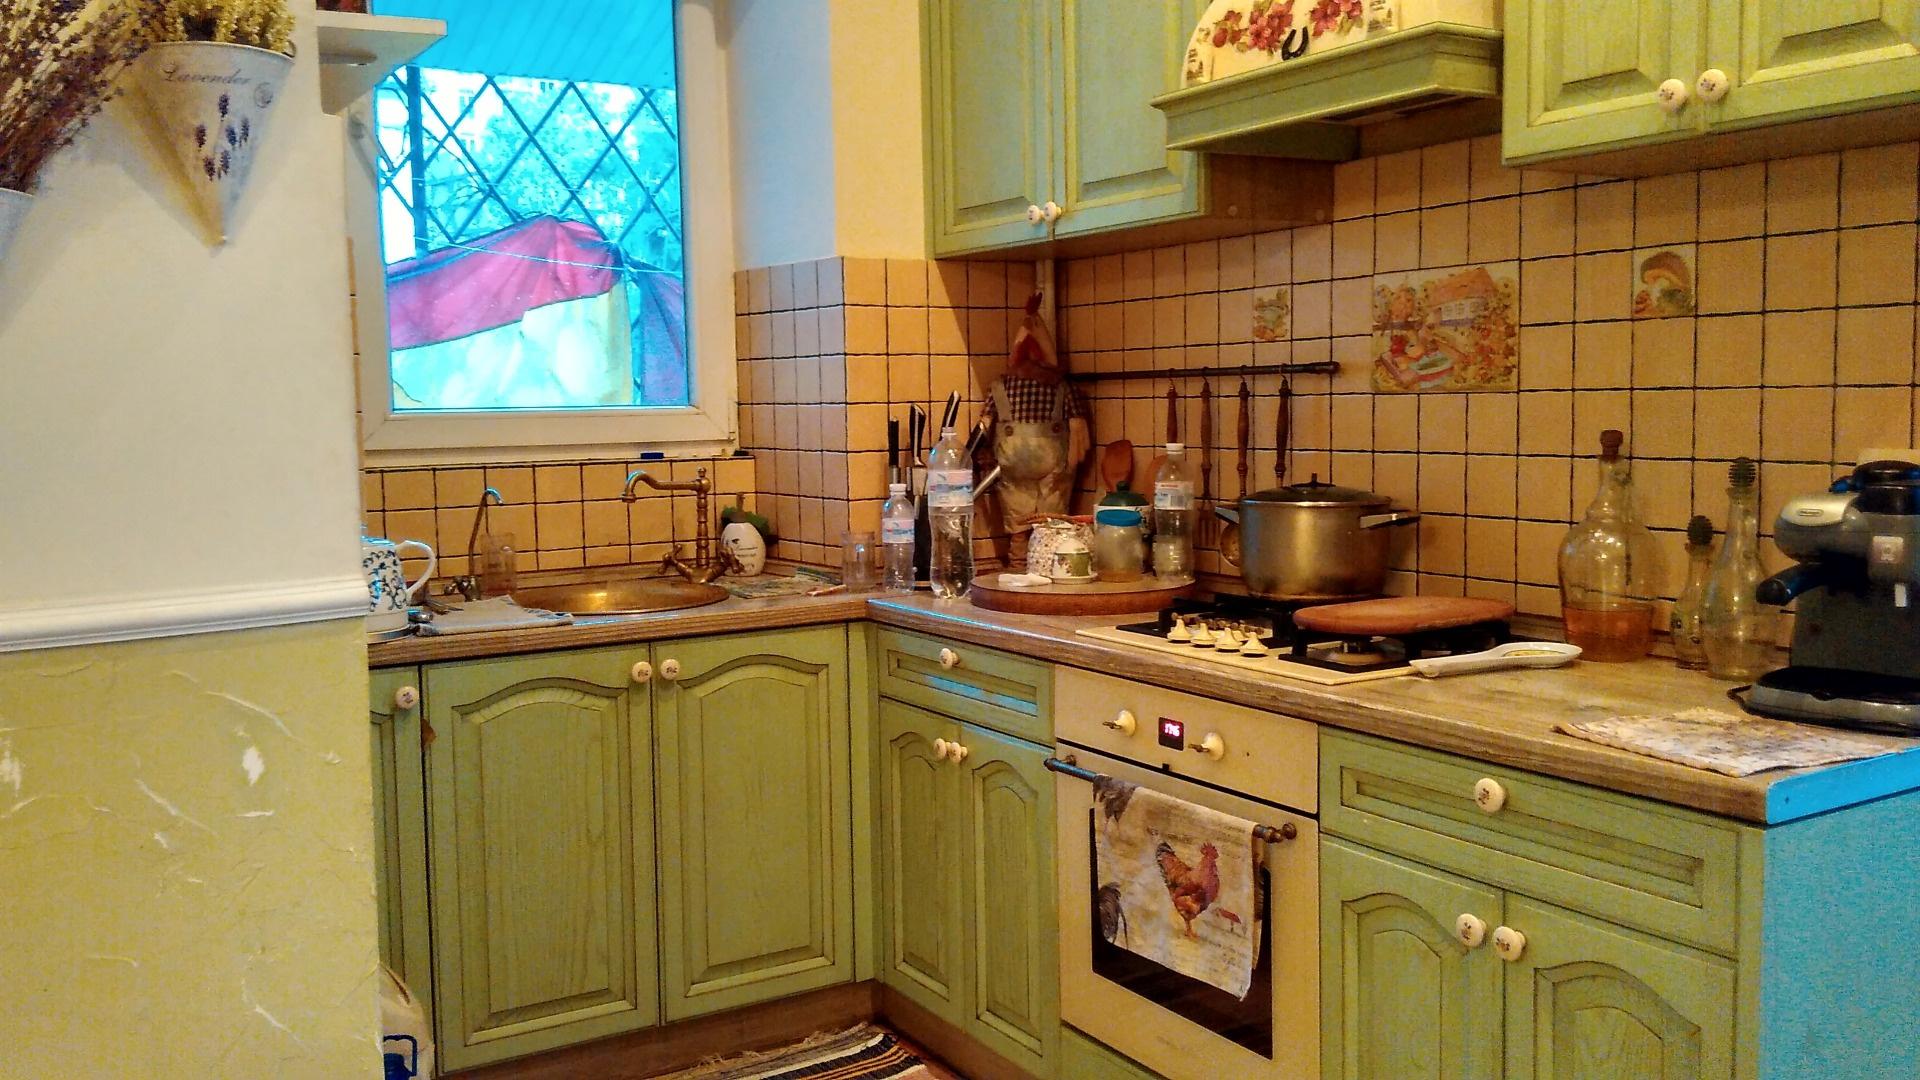 Продается 3-комнатная квартира на ул. Малая Арнаутская (Воровского) — 130 000 у.е. (фото №23)